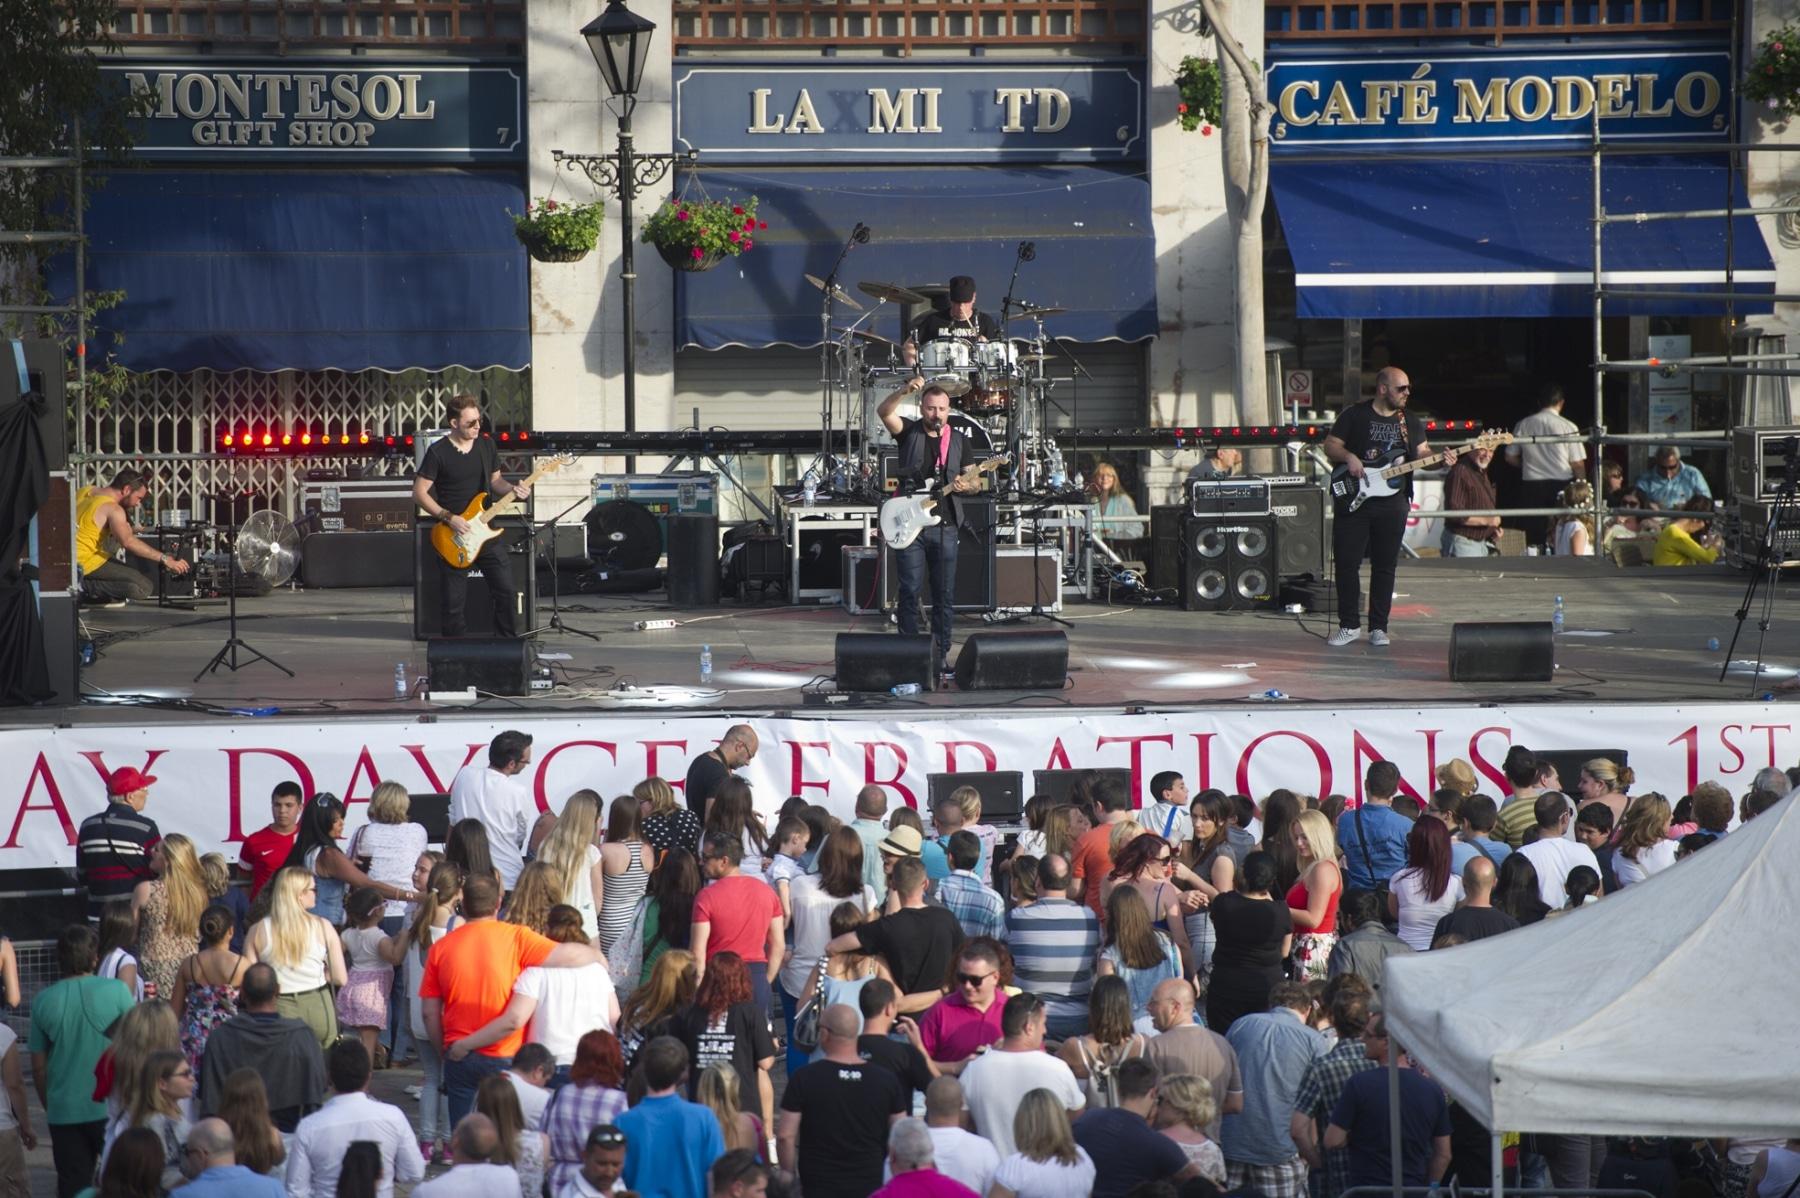 fiesta-del-1-de-mayo-en-gibraltar-01052015-24_16744256733_o